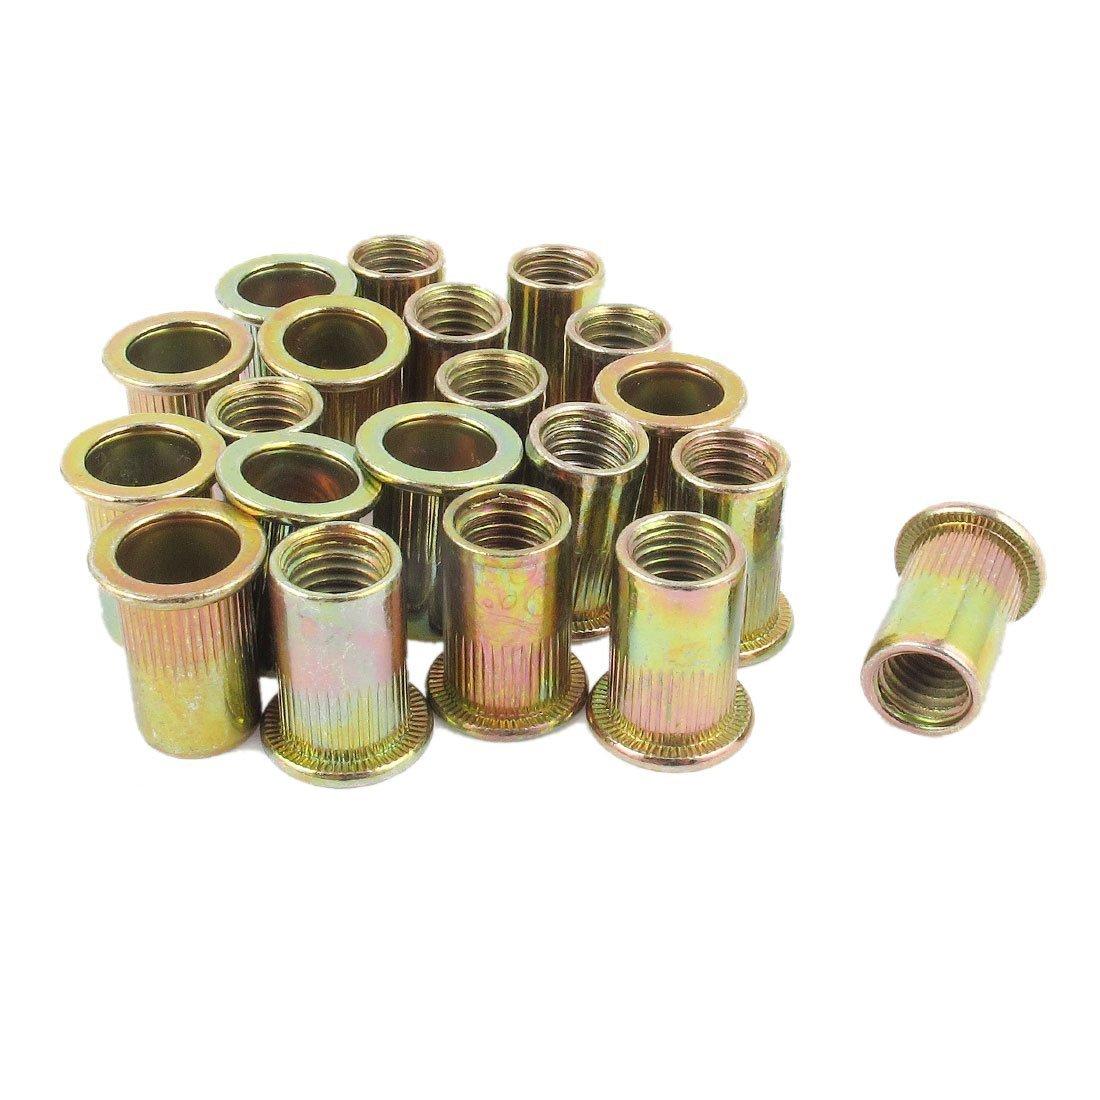 Rivet Nut - TOOGOO(R) 20pcs Flat Head Metric Steel M10 Blind Insert Rivet Nut Rivnut New